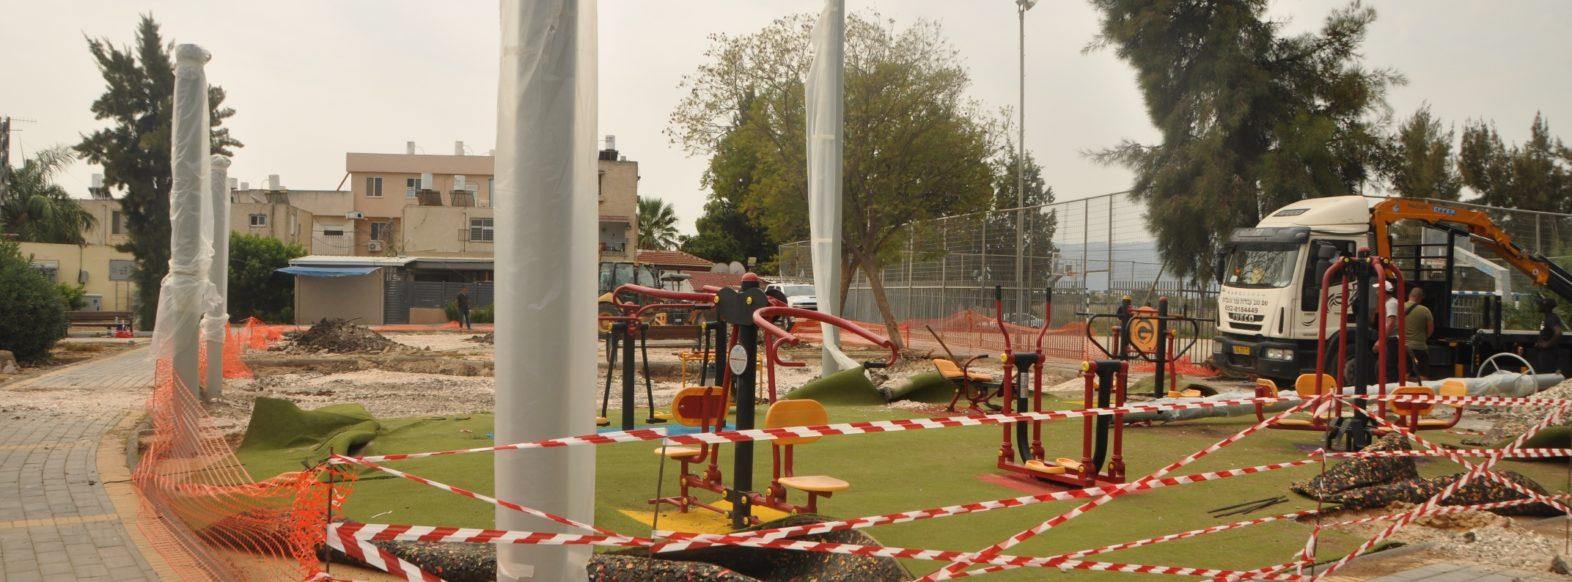 עיריית קרית אתא מקימה גן משחקים חדש ברחוב שיבת ציון